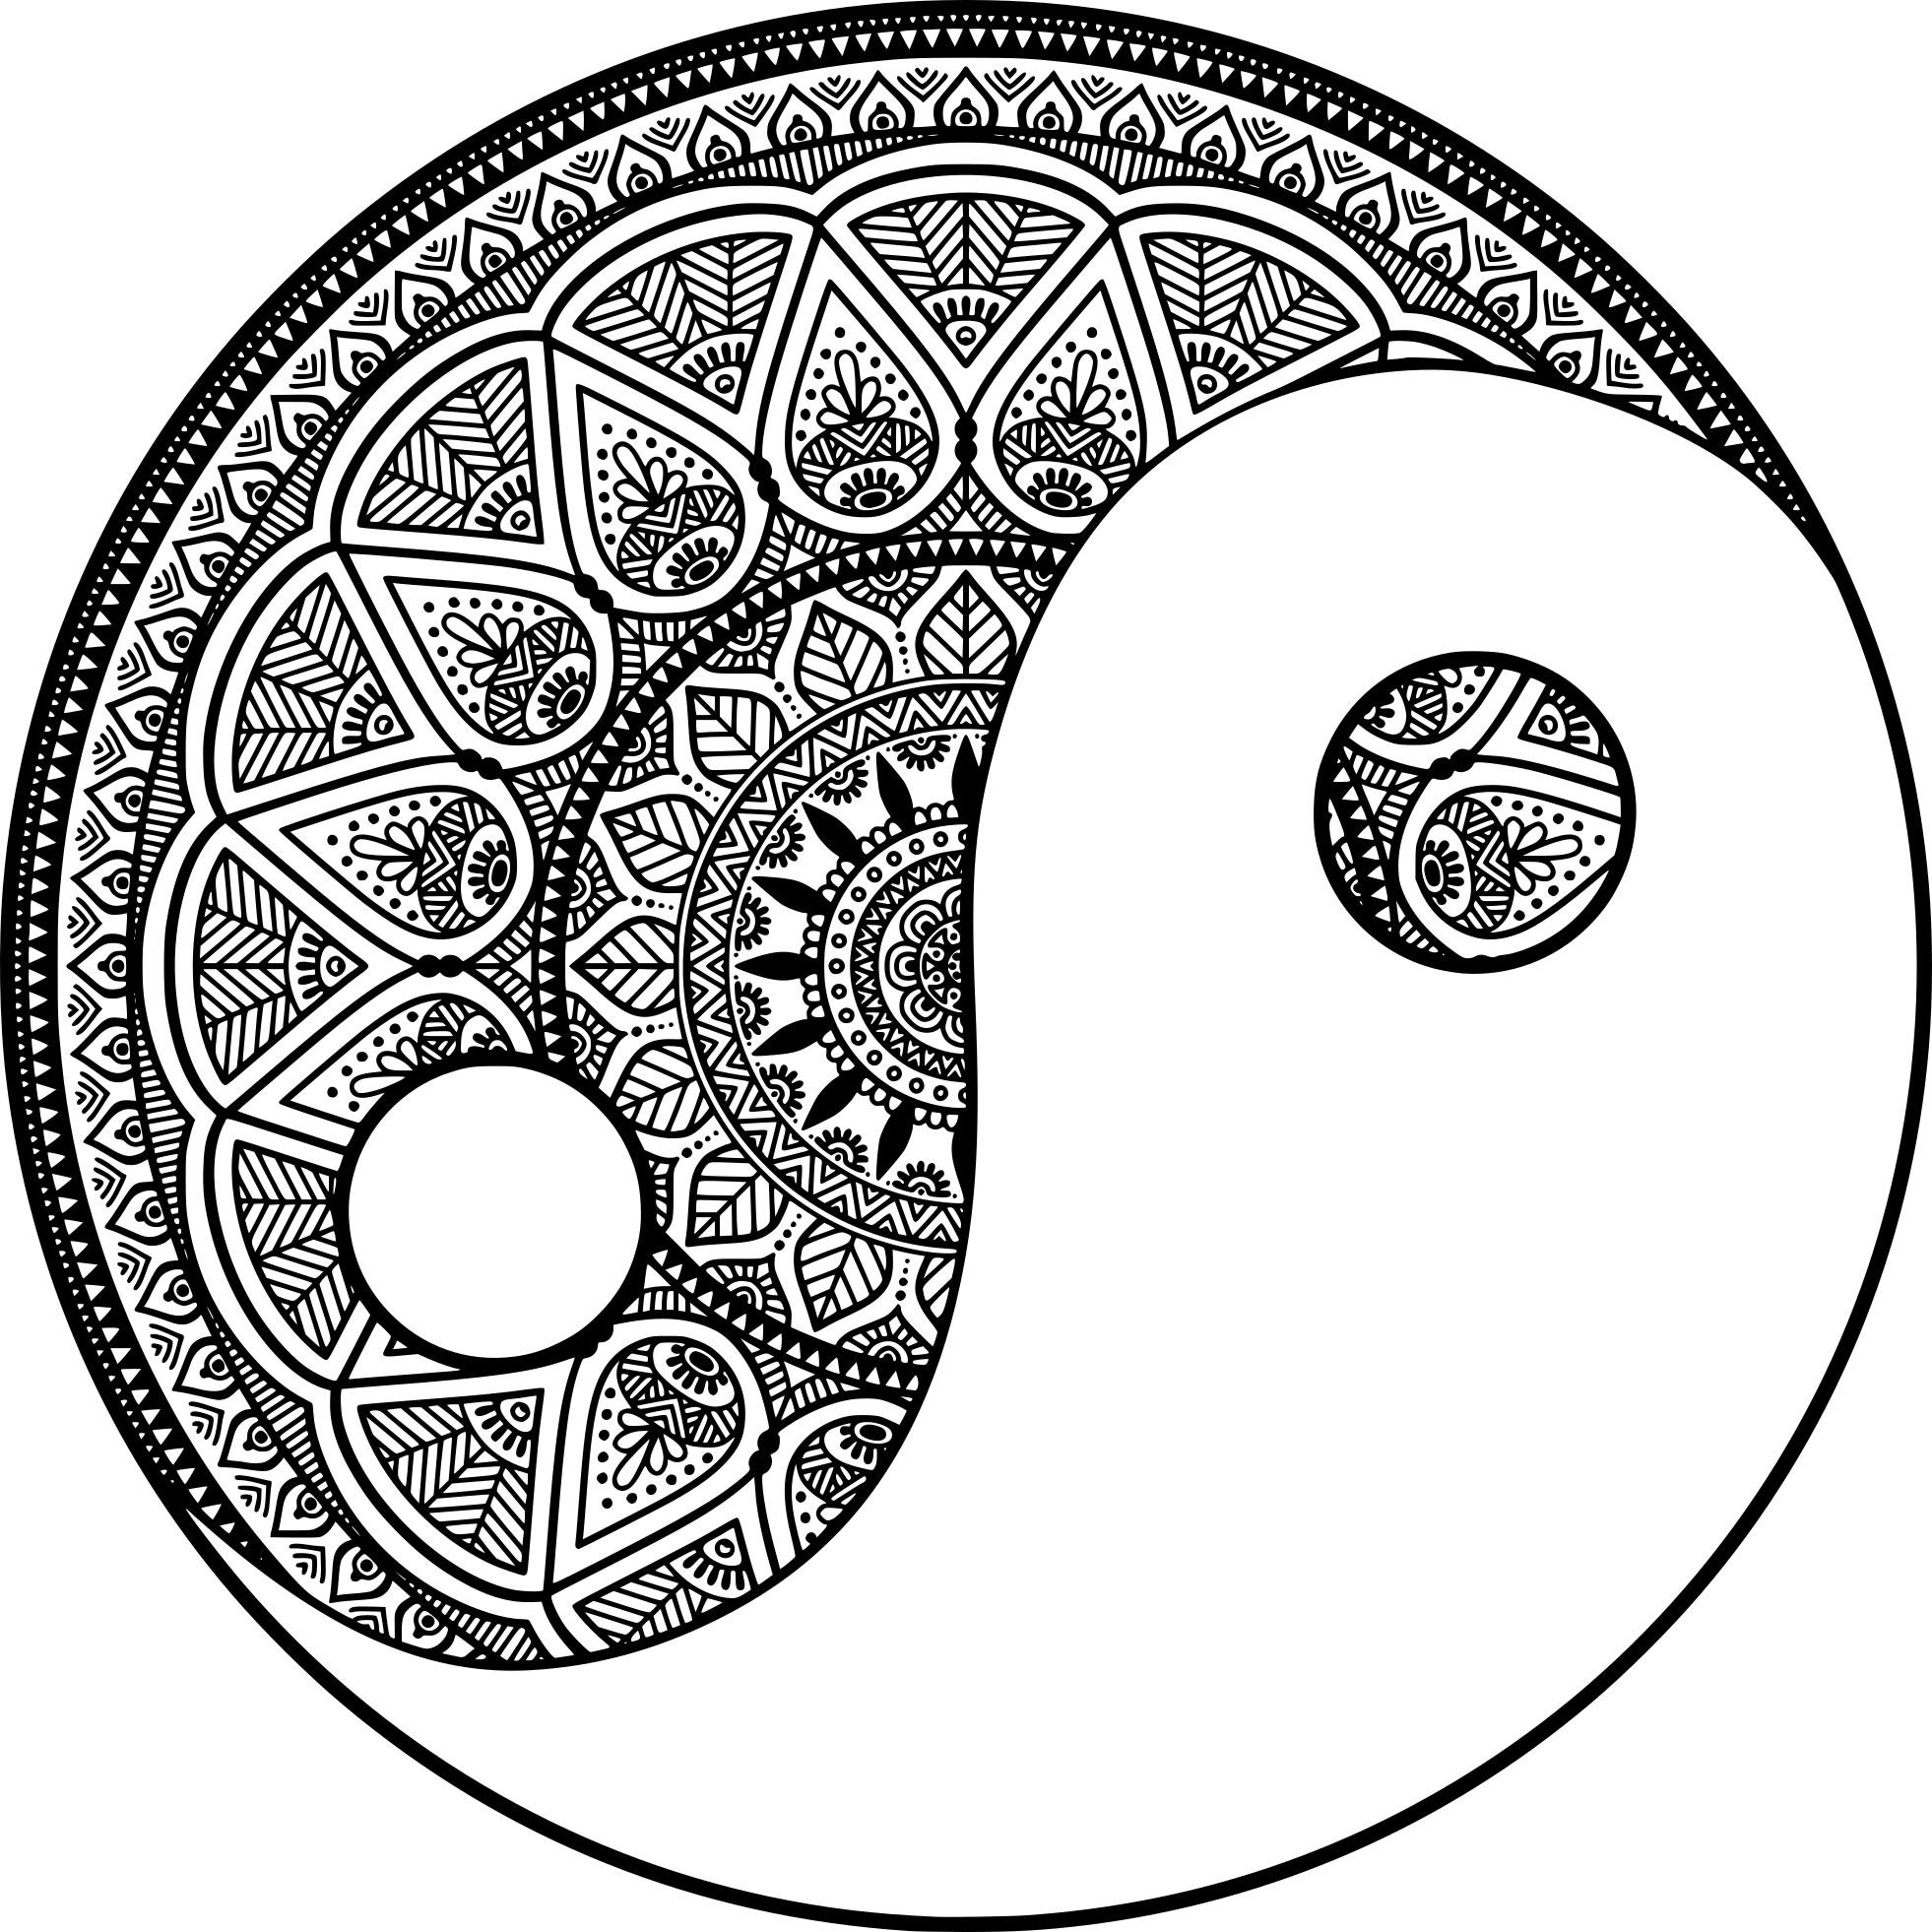 Coloriage Mandala Zen À Imprimer Sur Coloriages destiné Image Zen A Imprimer